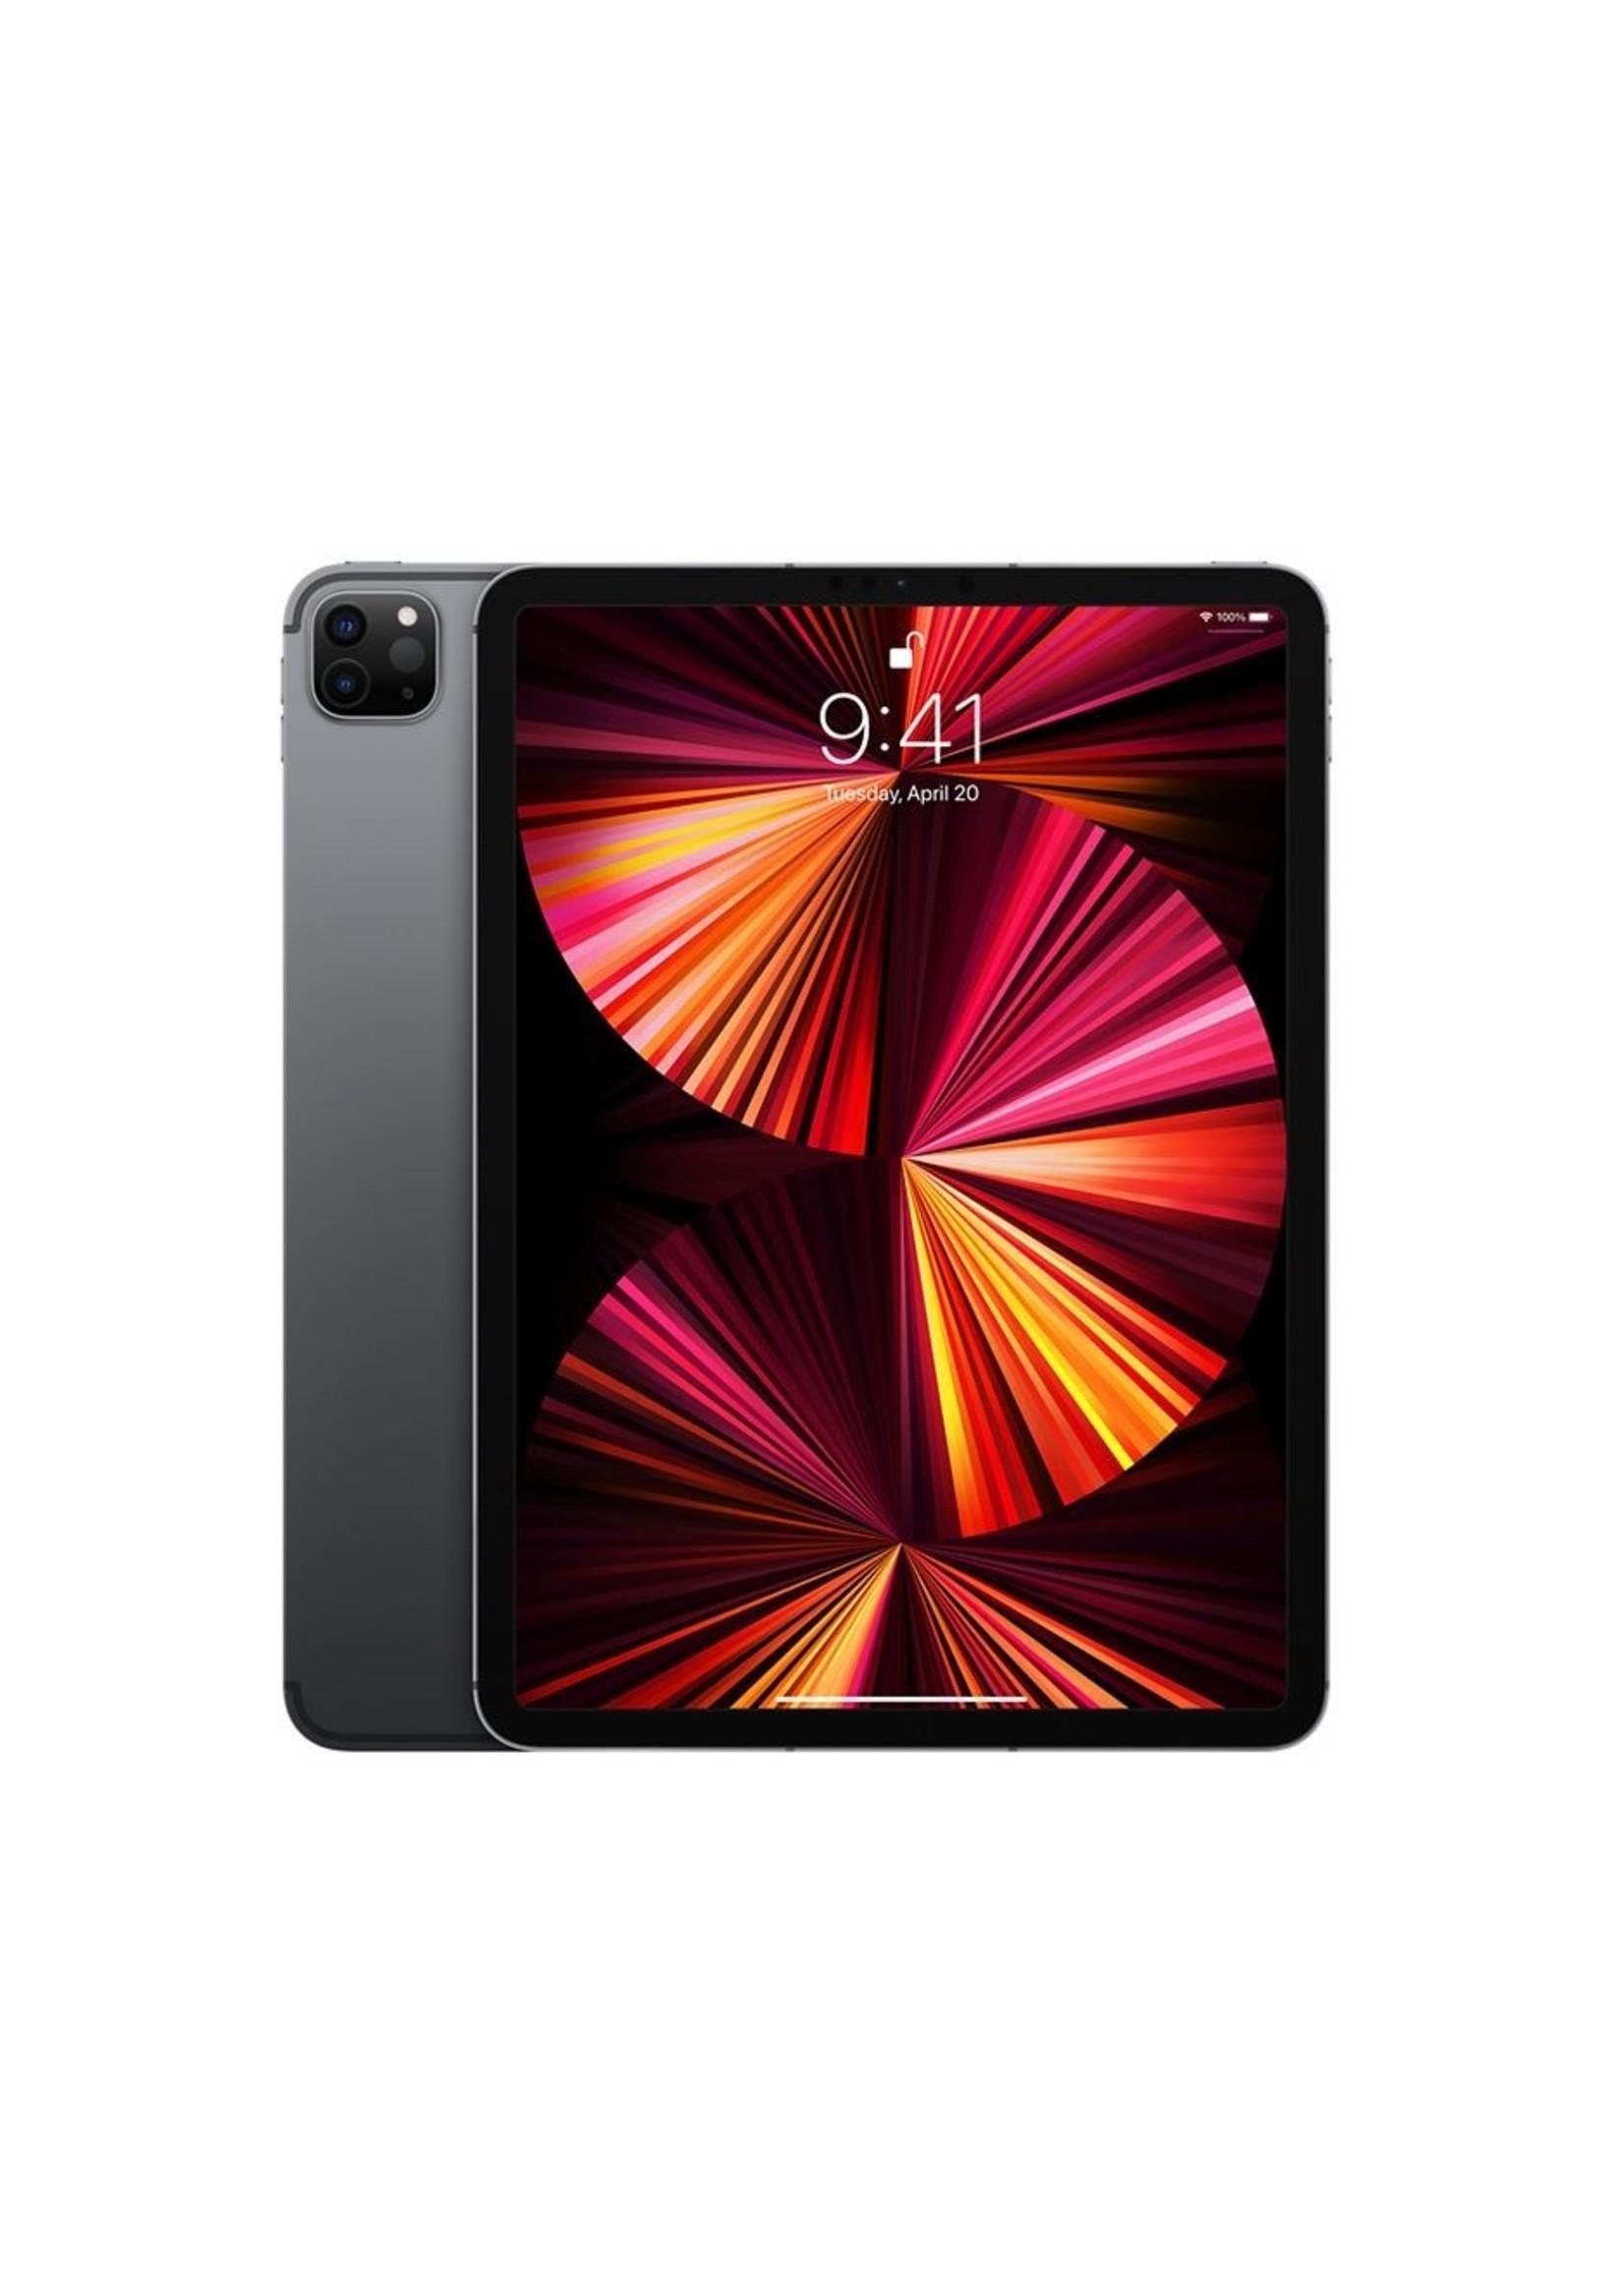 Apple iPad Pro 12.9-inch Wi-Fi  1TB Space Gray